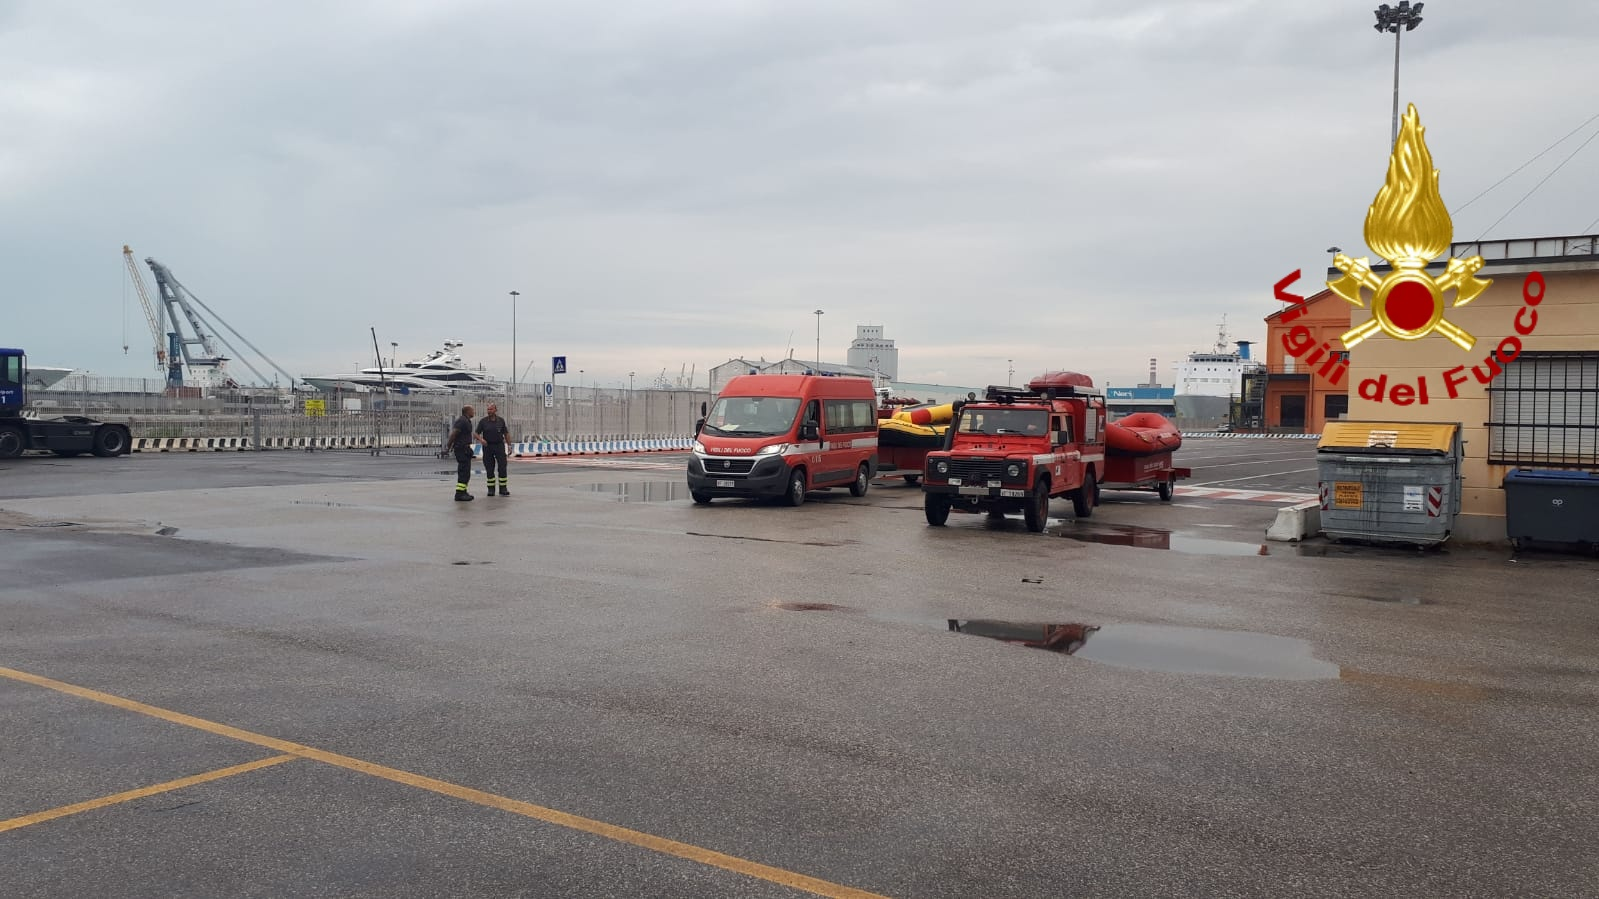 Alluvione e ponte crollato in Sardegna, partiti da Livorno i pompieri della Toscana